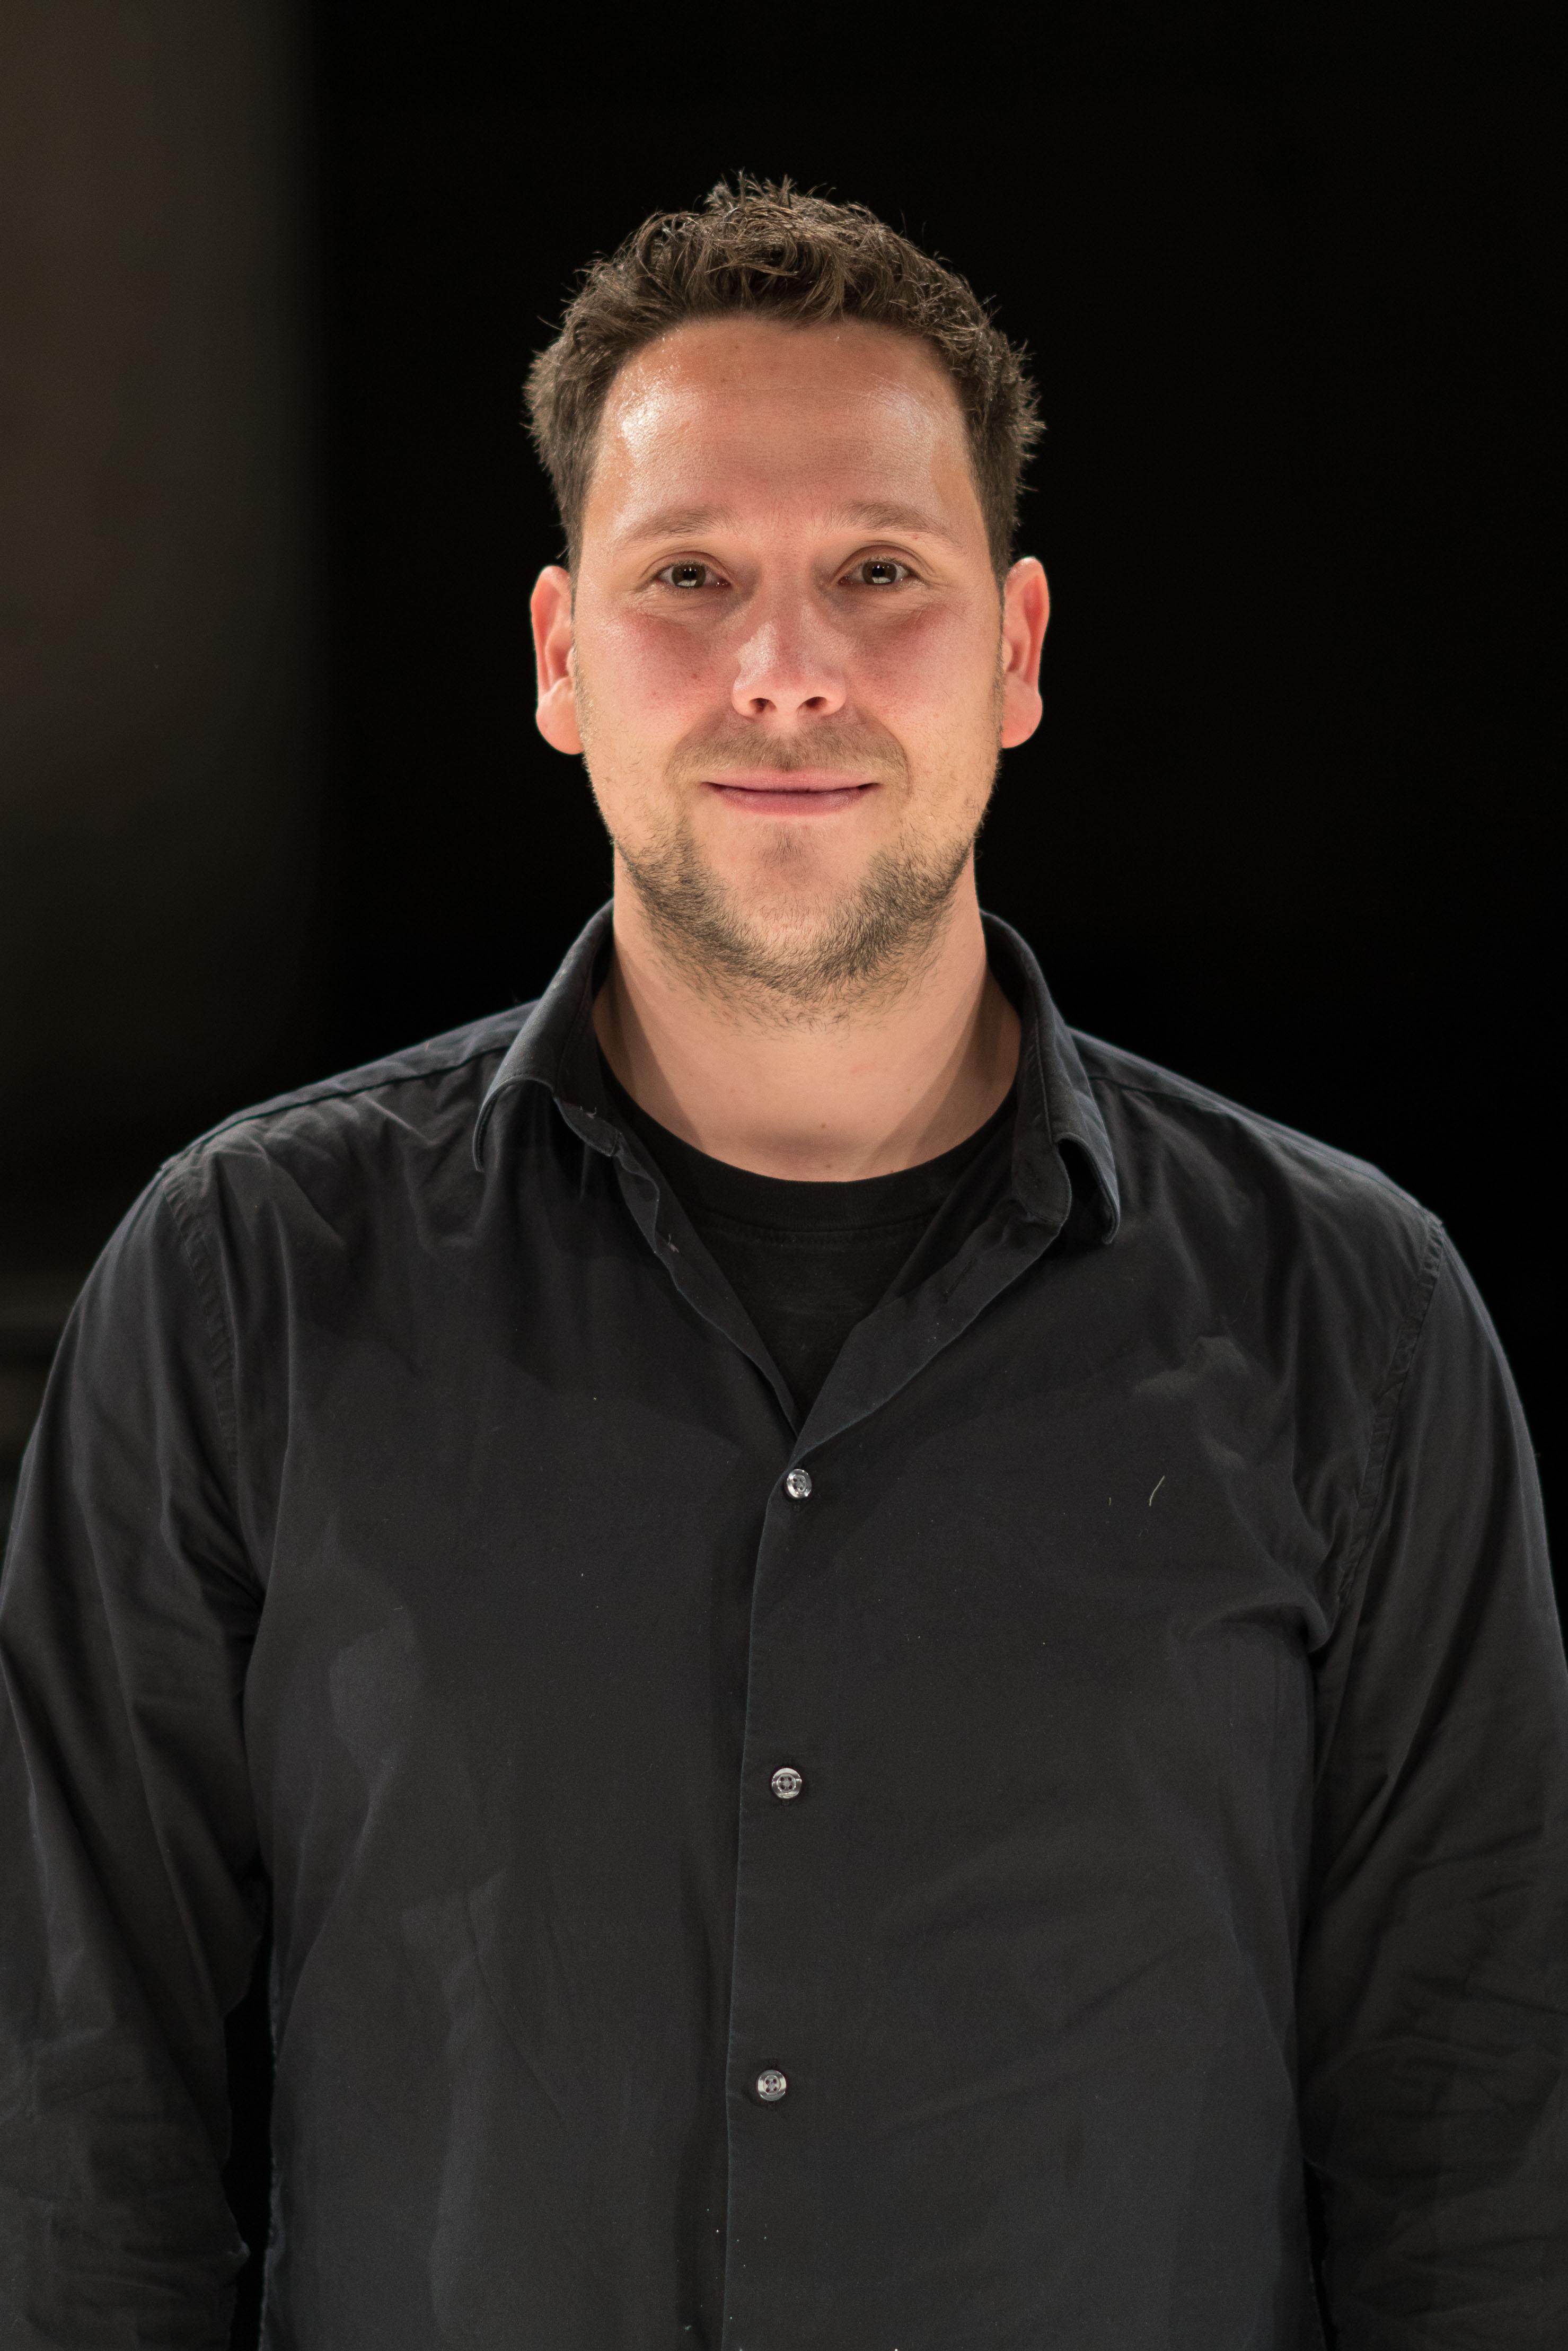 Daniel Lesser